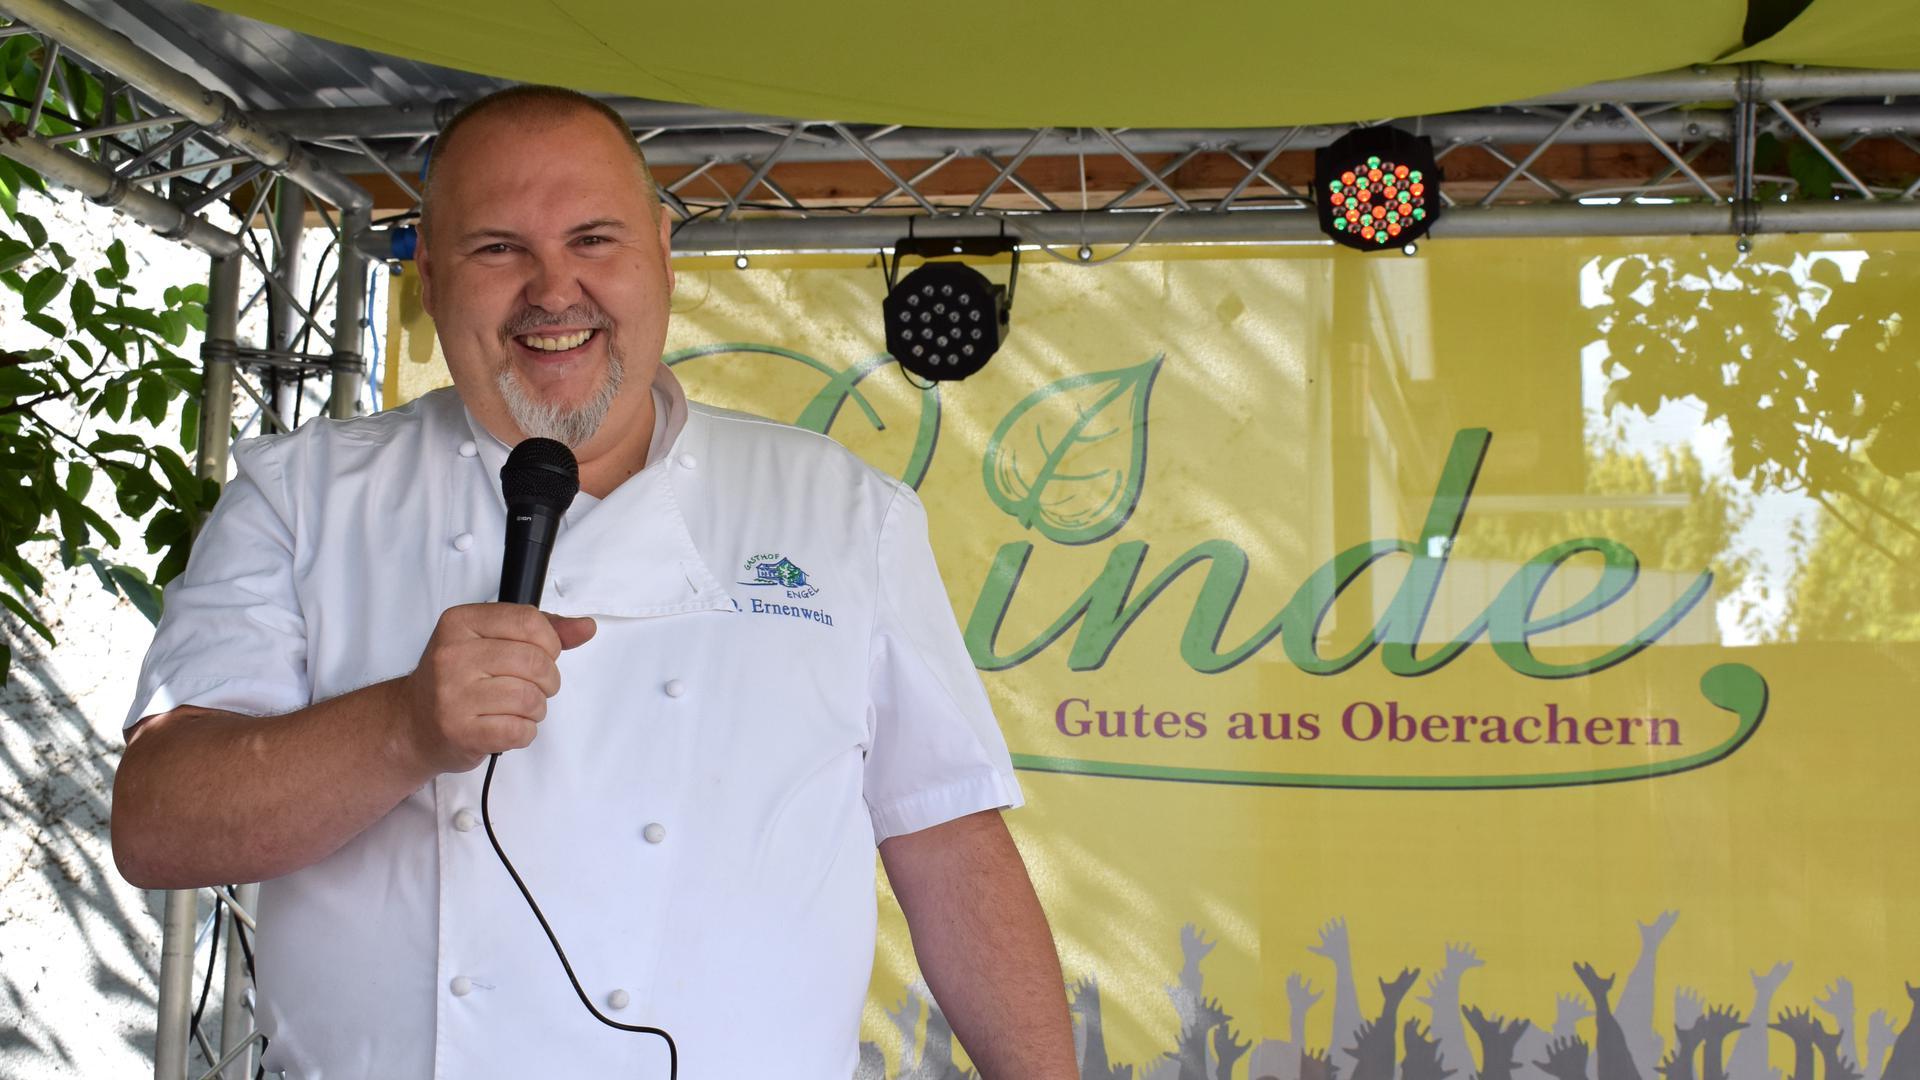 Ein Mann in einer Kochjacke steht mit Mikrofon auf einer Bühne.